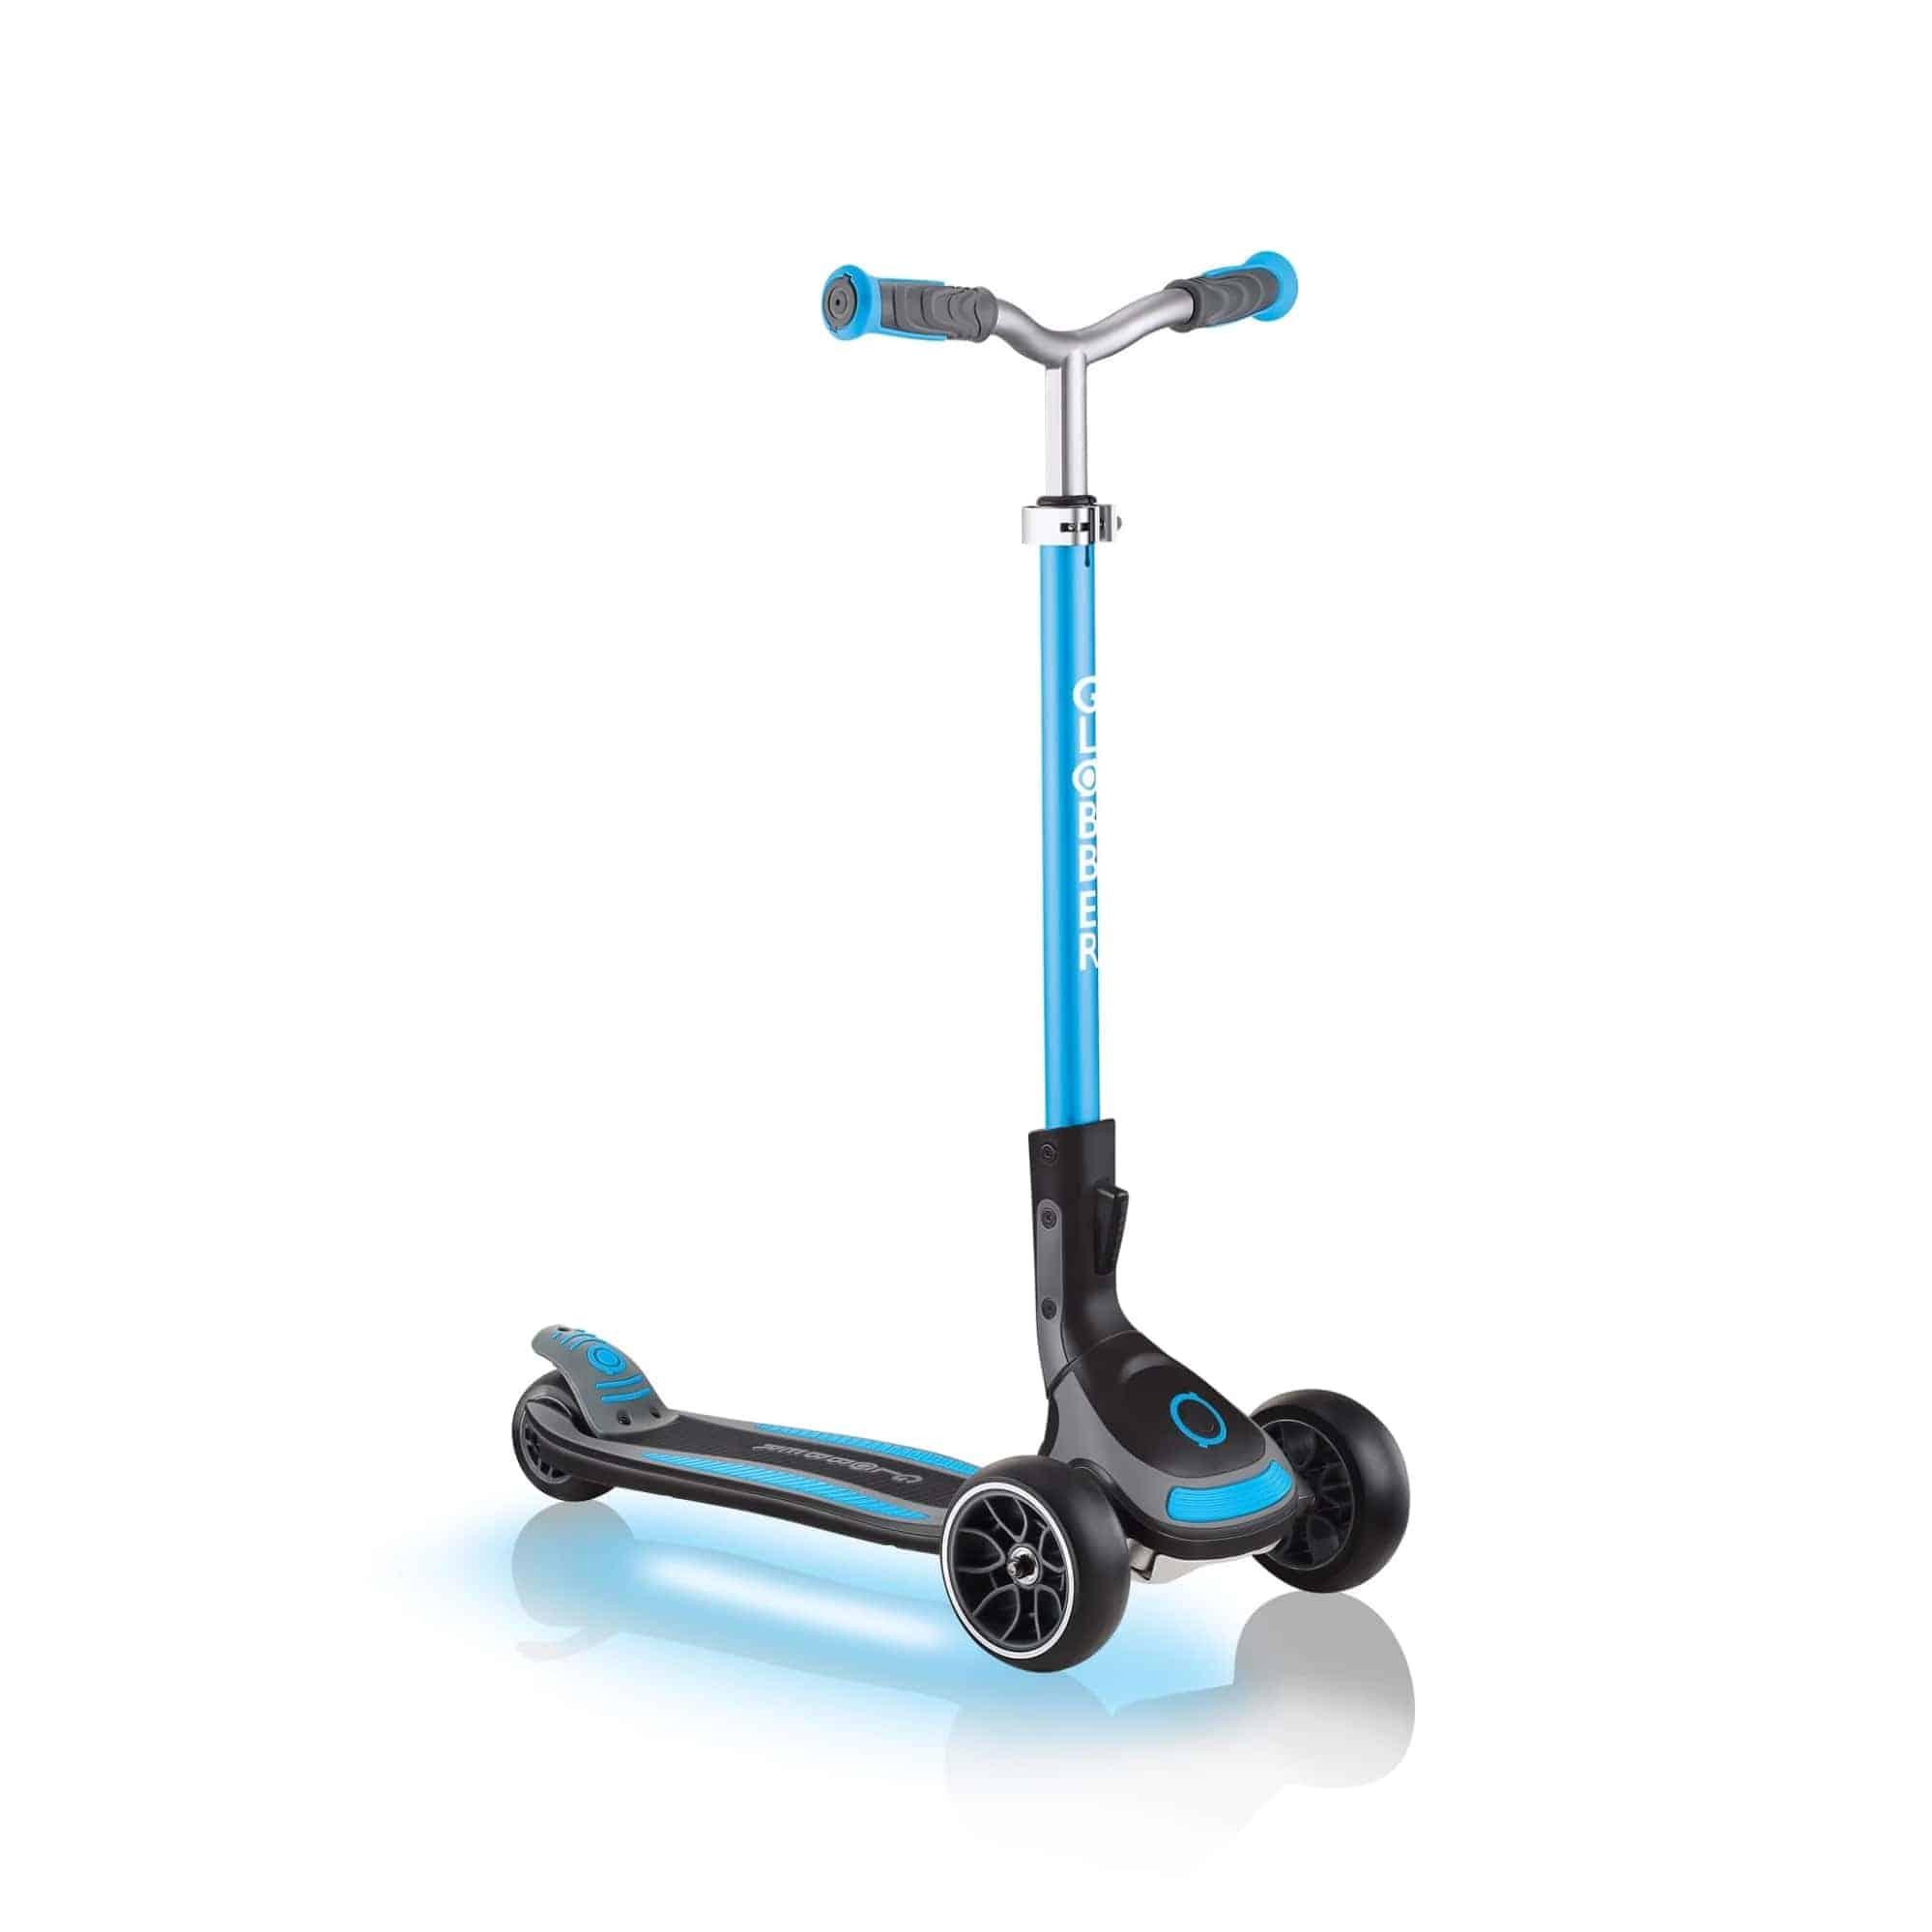 Xe trượt scooter 3 bánh đồ chơi cho bé trai